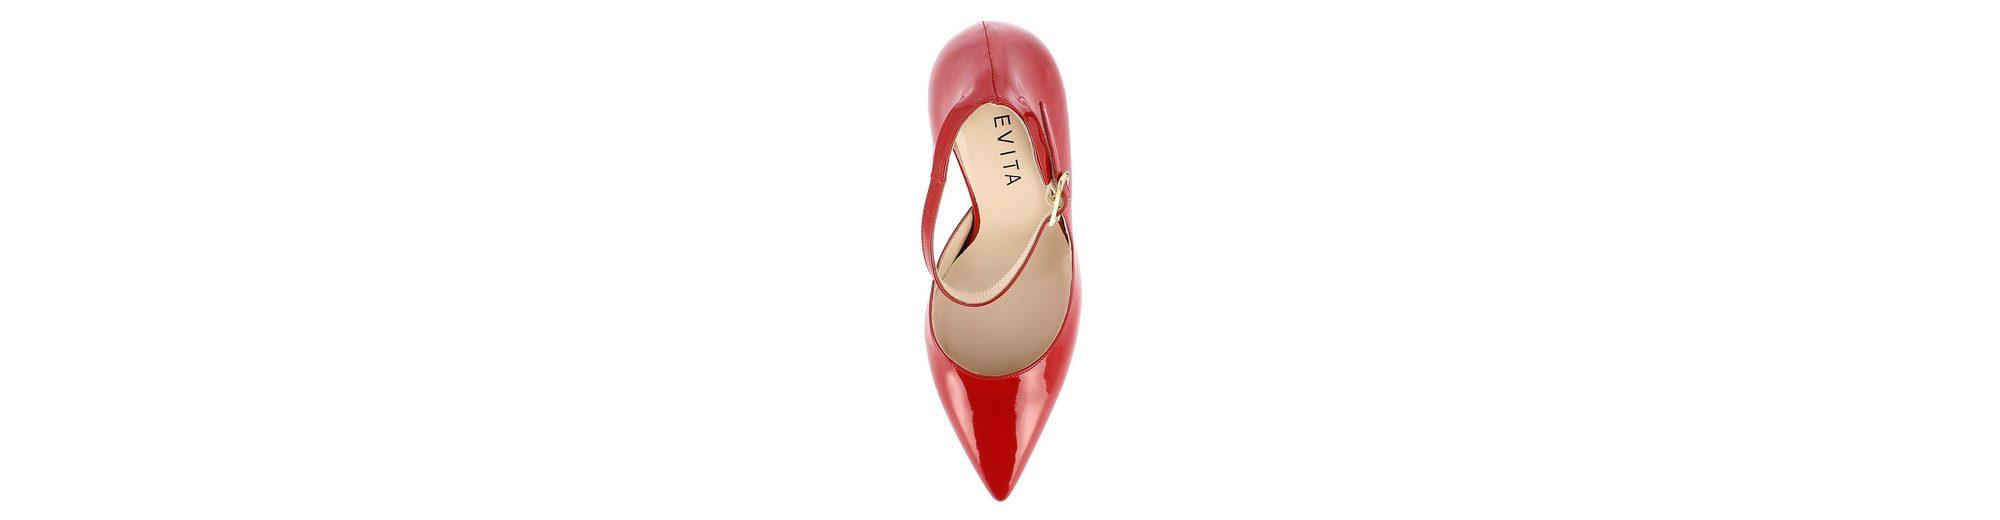 Evita ALINA High-Heel-Pumps Rabatt Billig Hzj8oZX